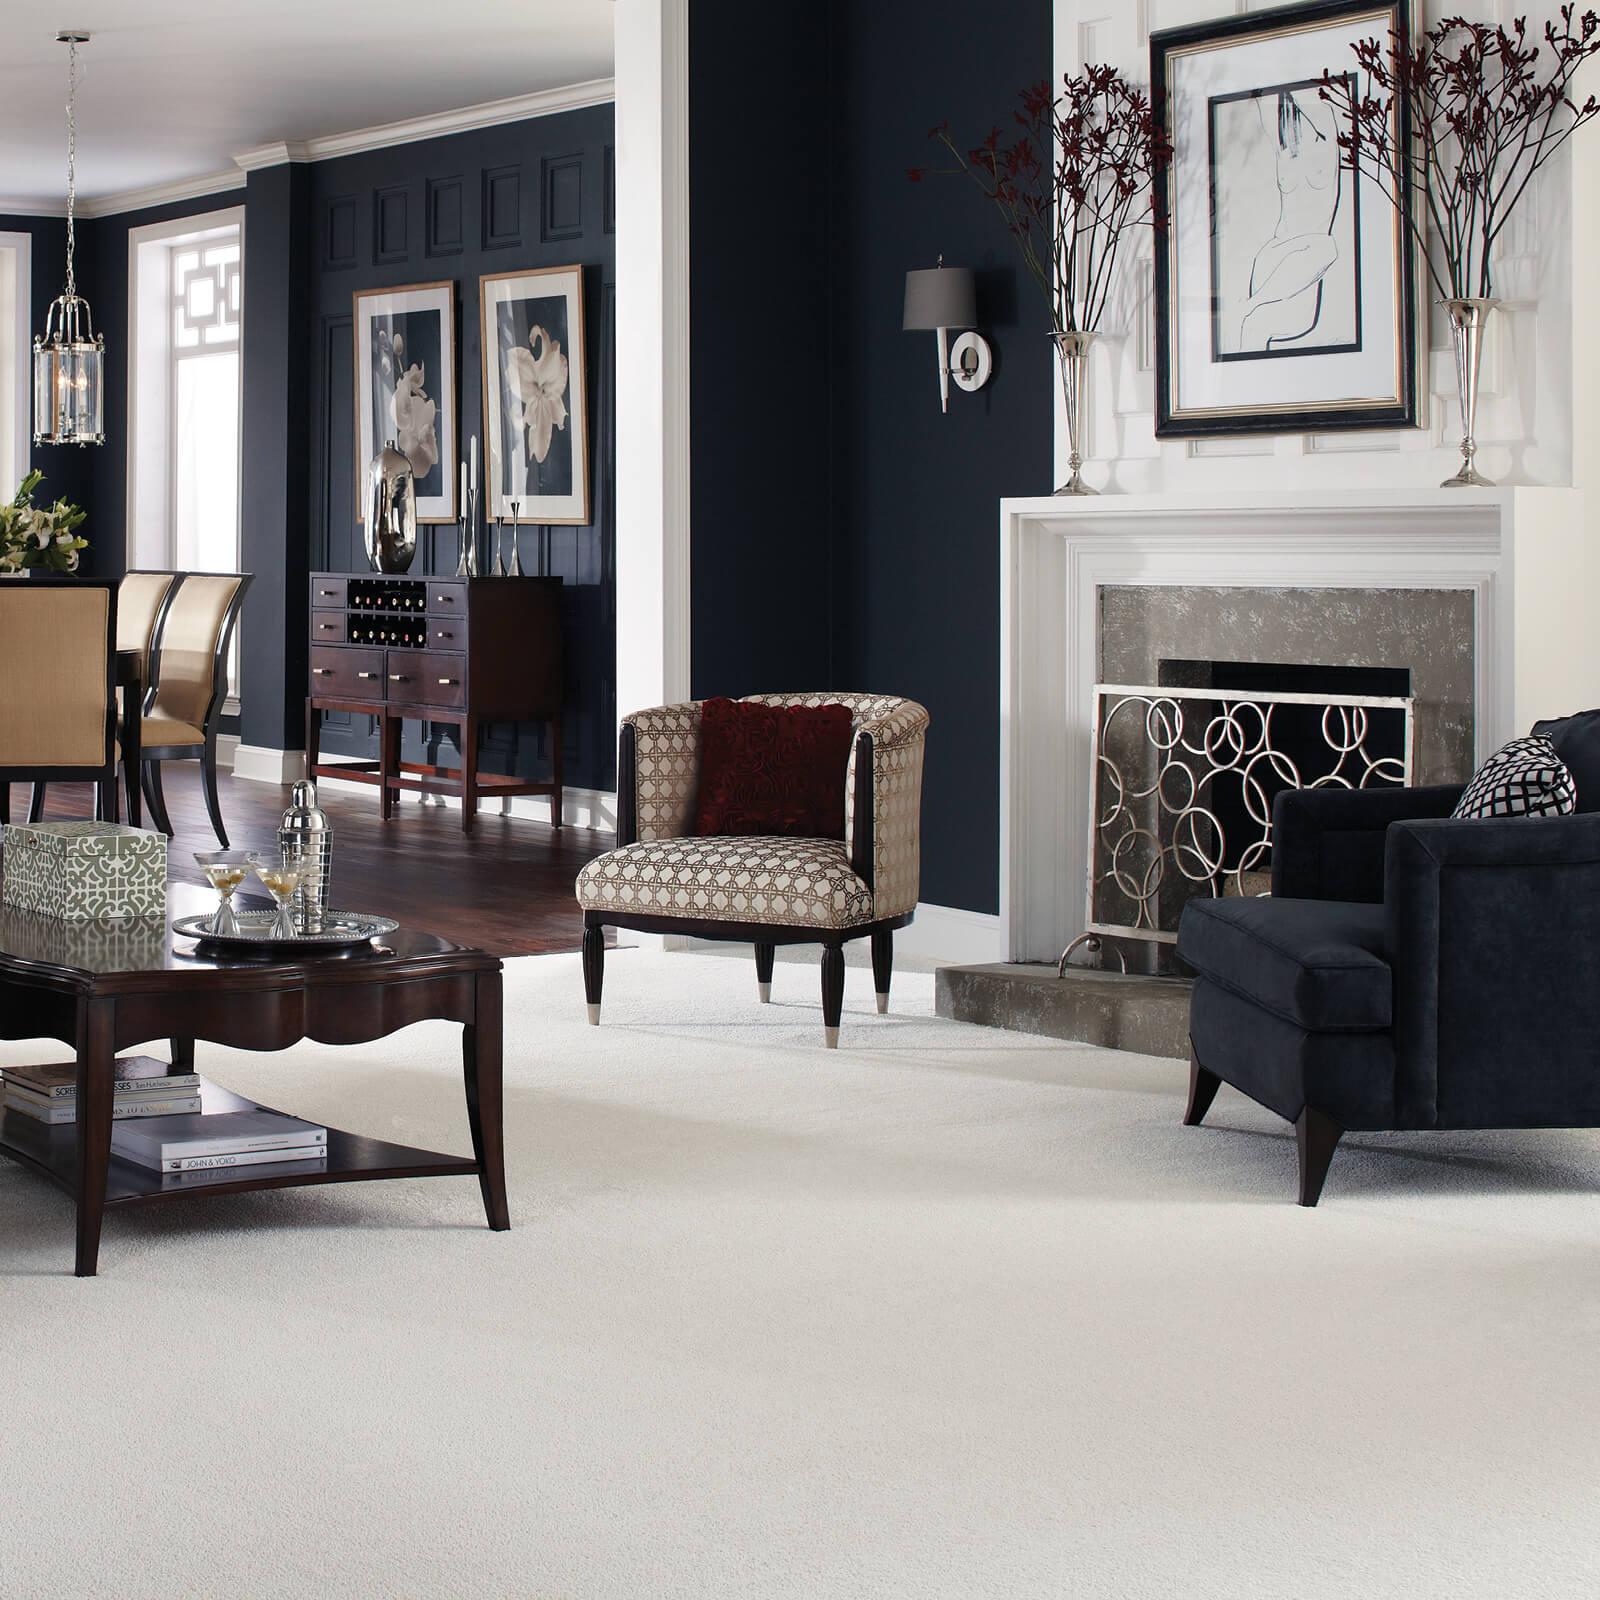 White Carpet in Living room | Flooring by Wilson's Carpet Plus